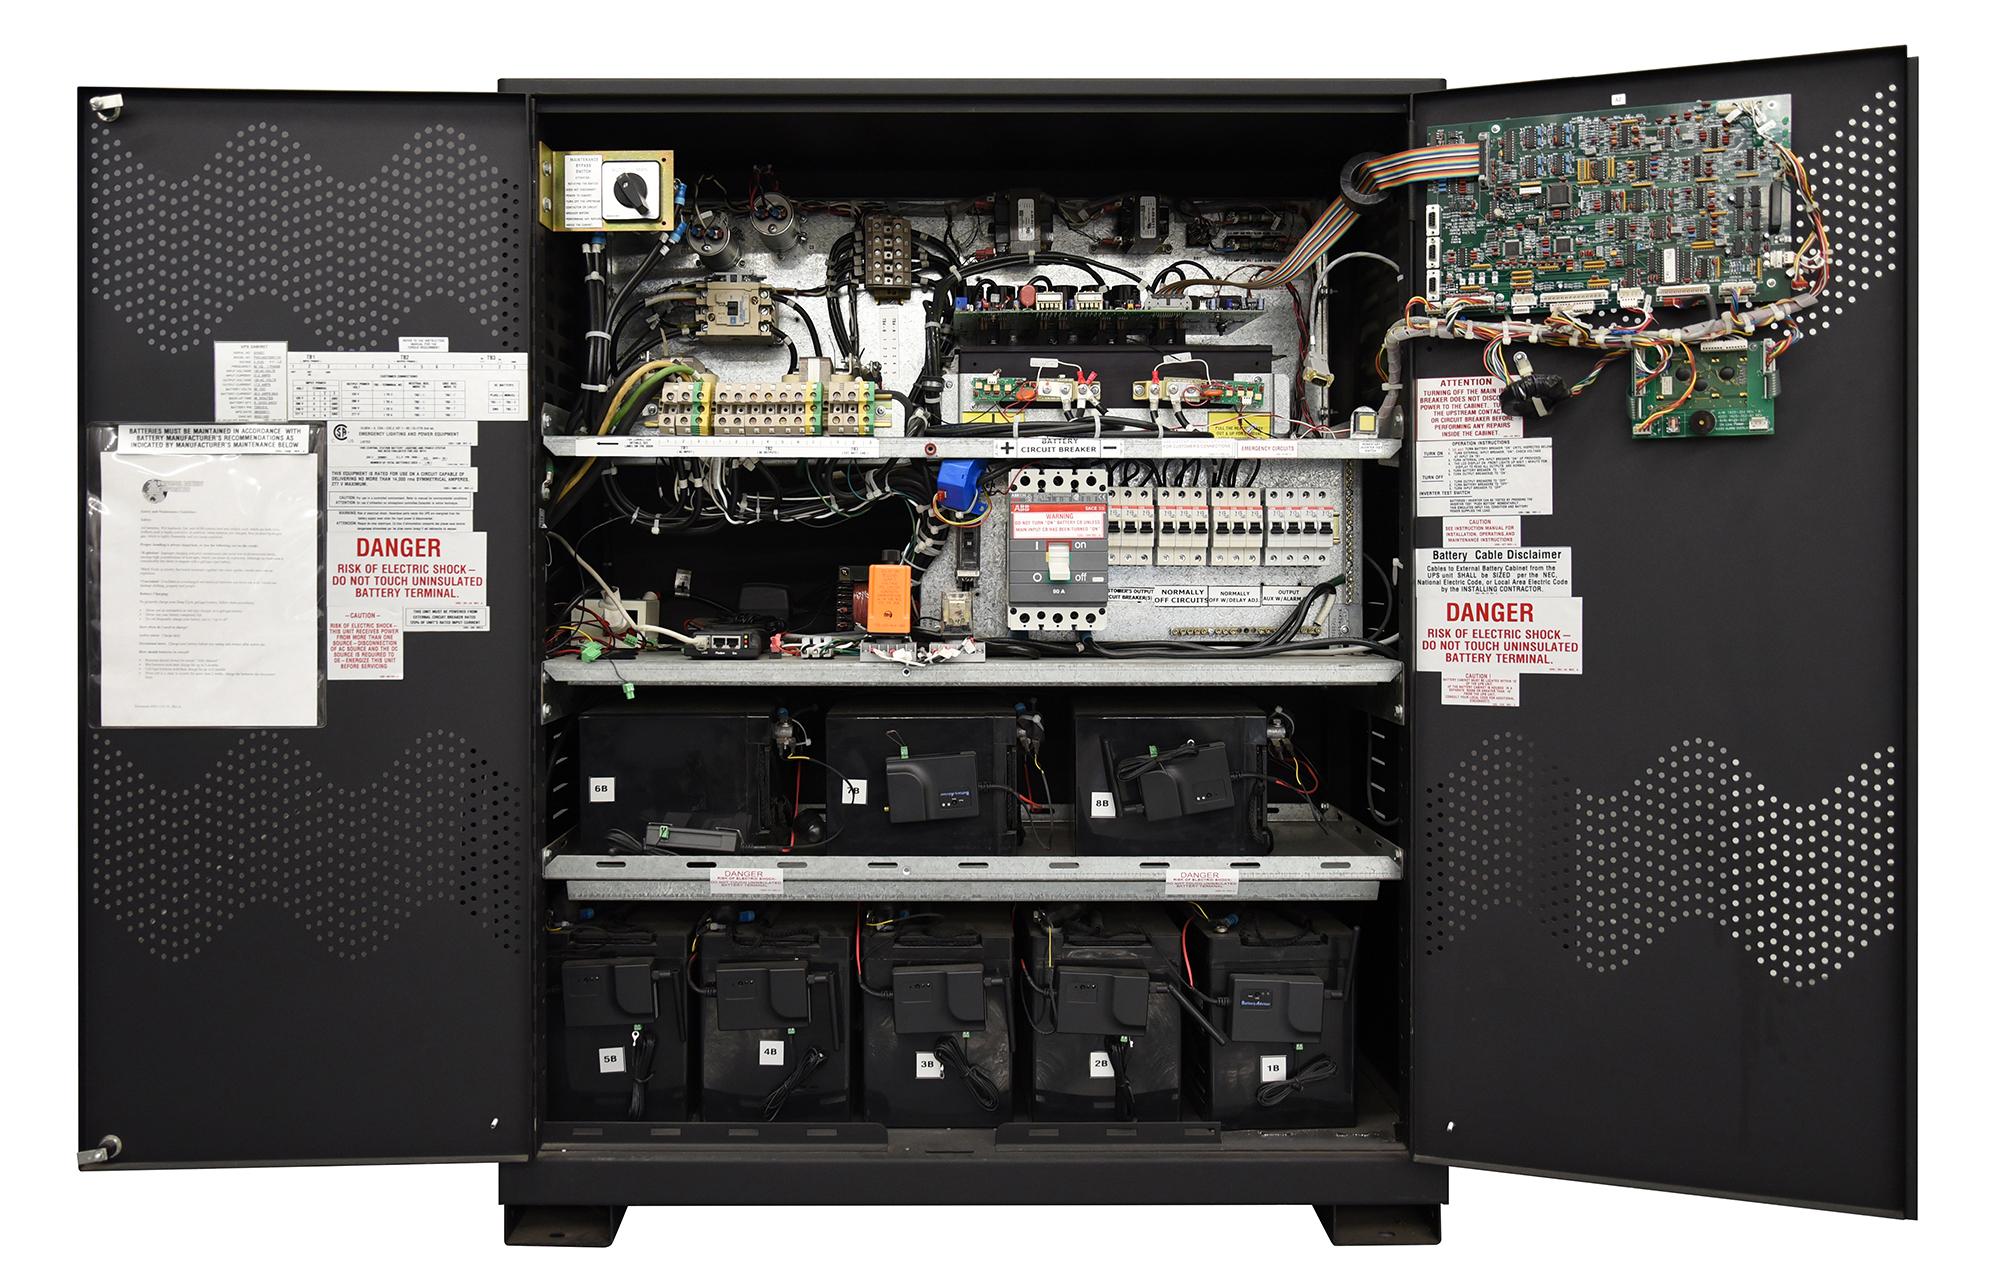 UL924 | Emergency Lighting Inverter | Single Phase Inverter